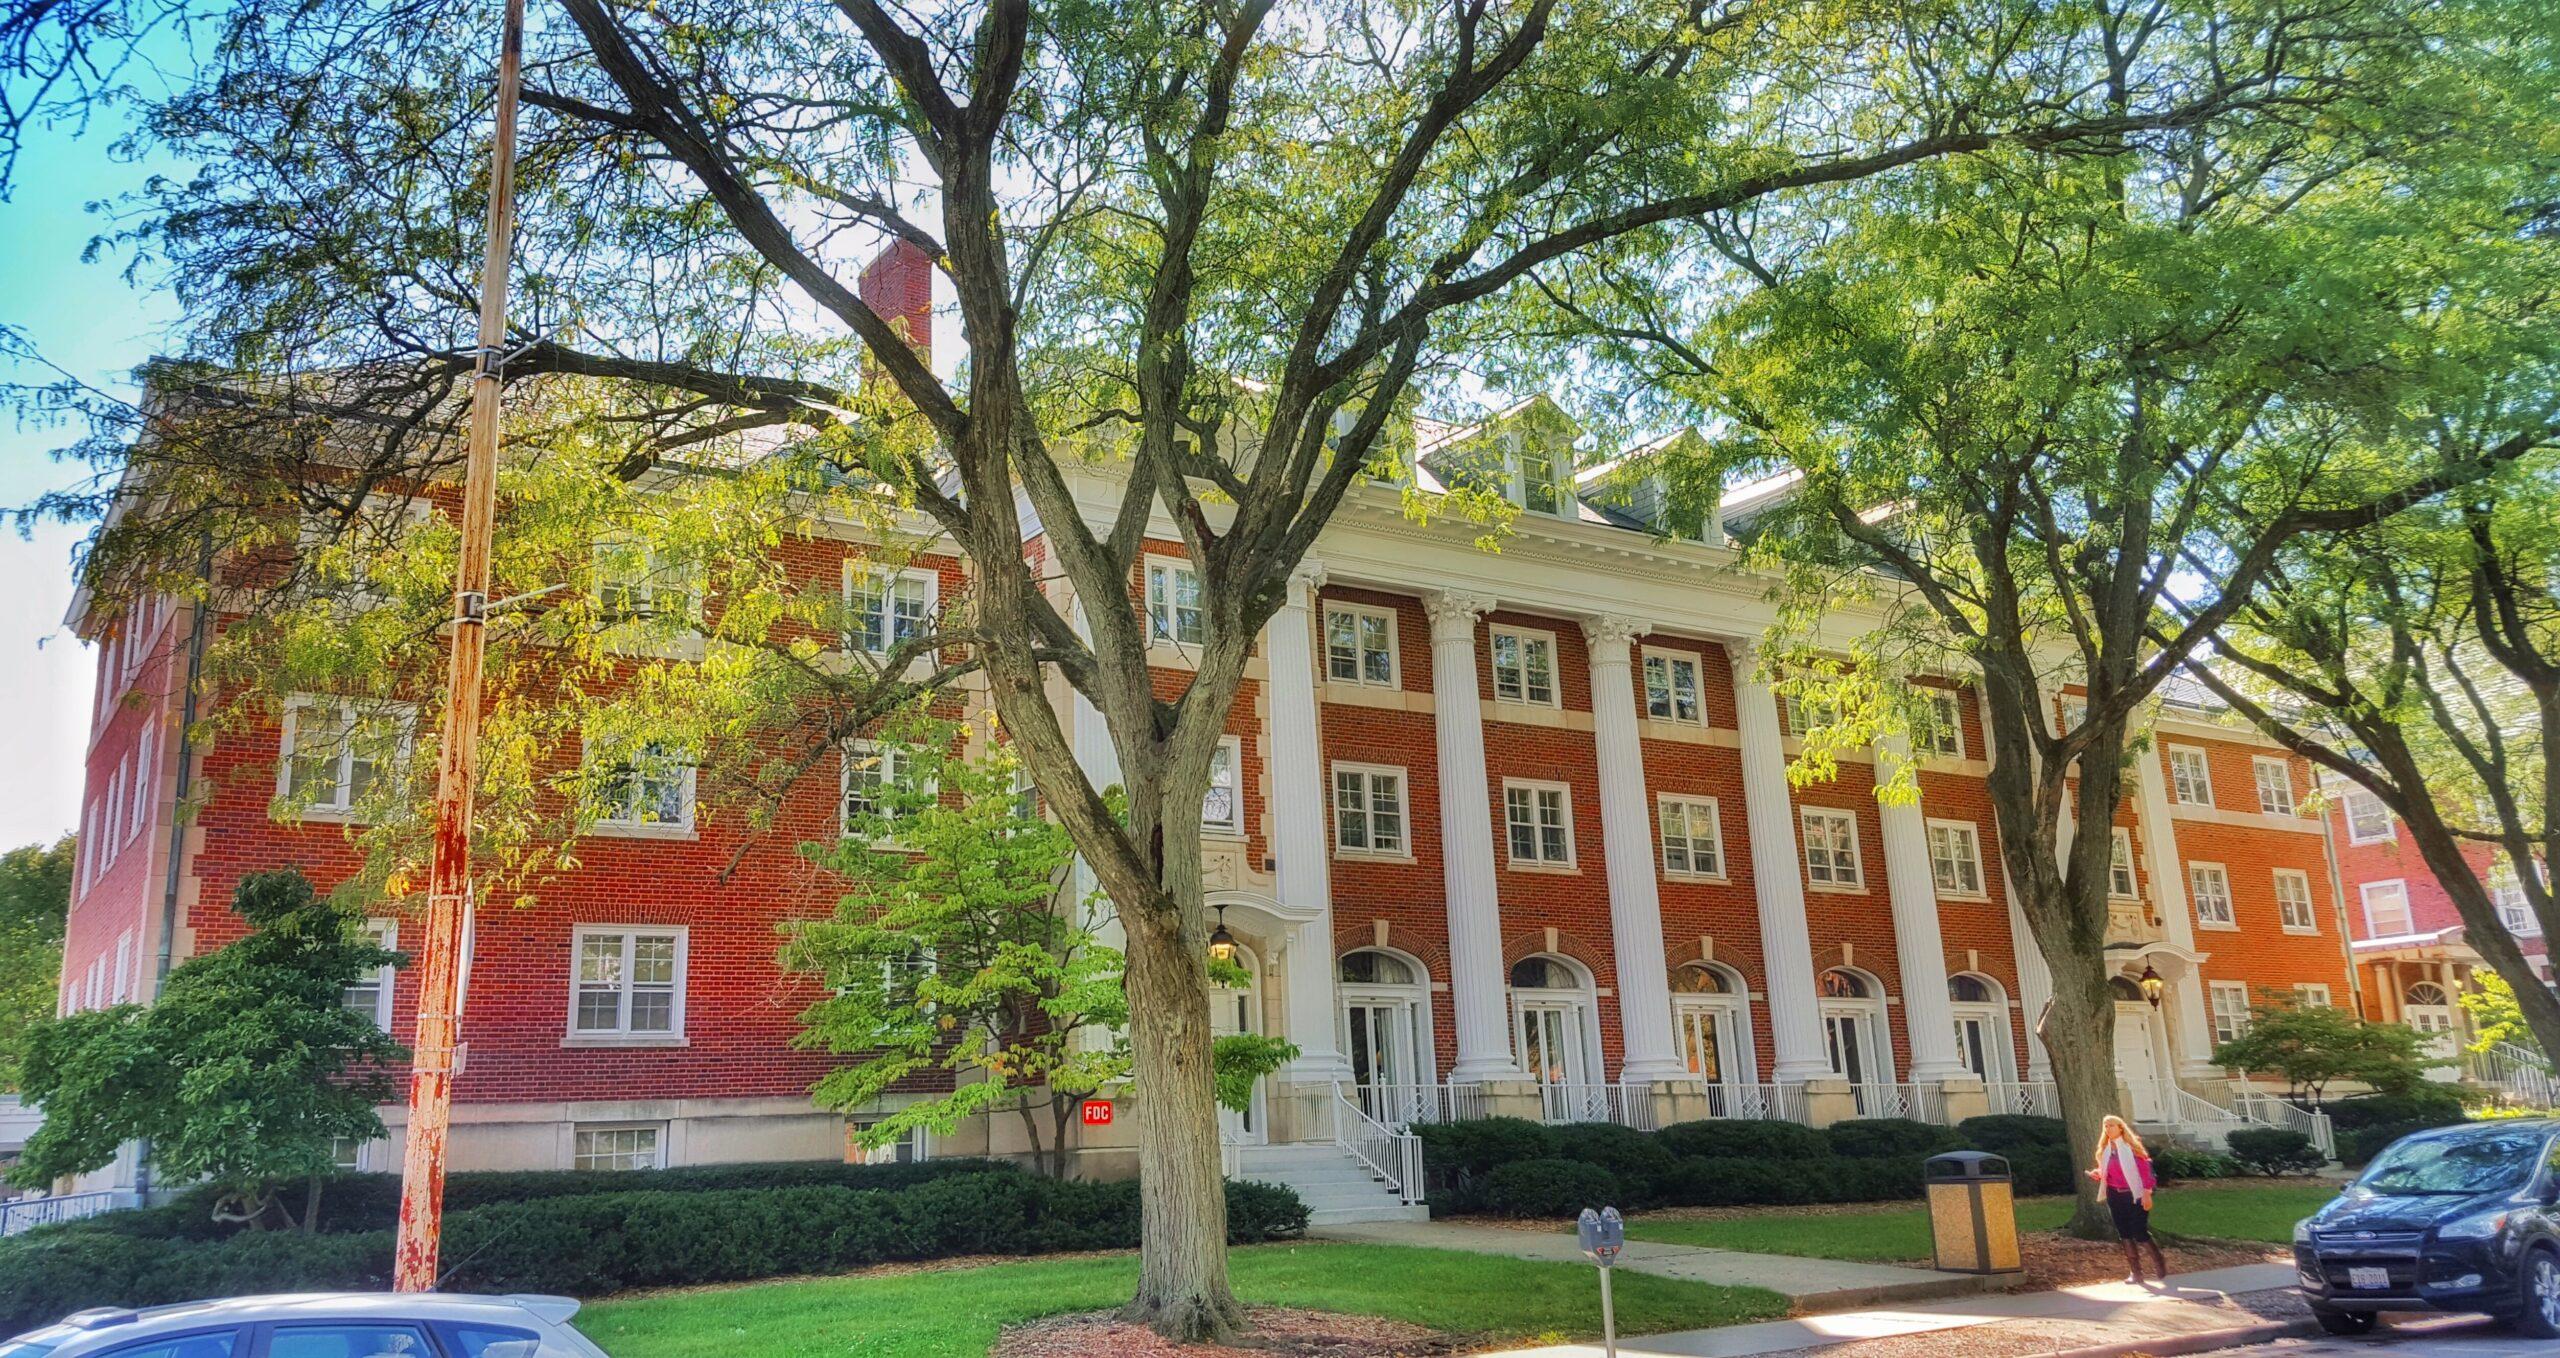 Como funcionam os dormitórios das universidades americanas?